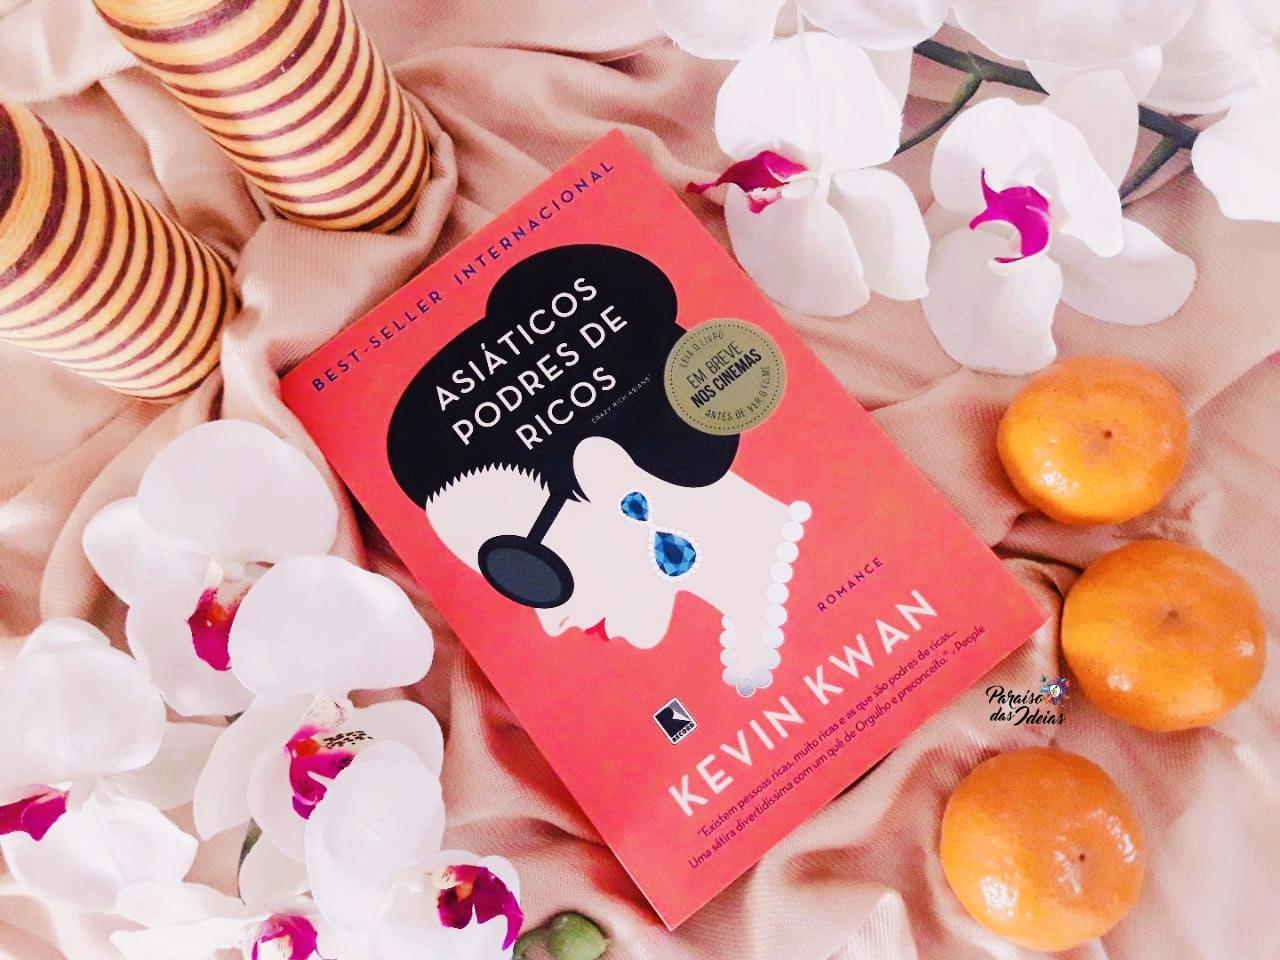 [Resenha] Asiáticos podres de ricos #1 - Kevin Kwan